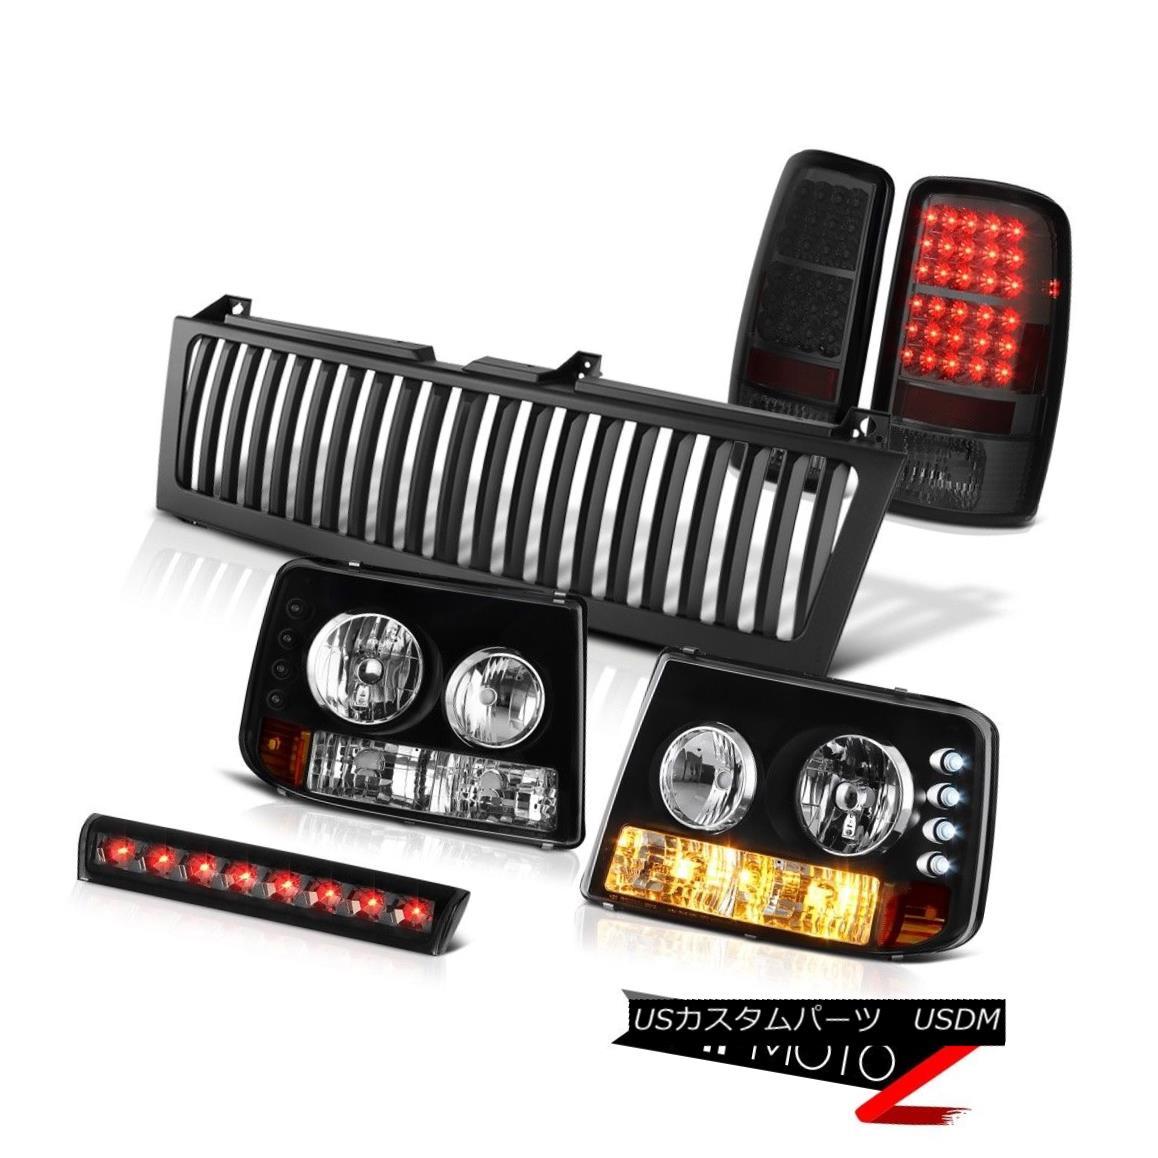 ヘッドライト 00 01 02 03 04 Suburban Crystal Headlights Smoke LED Tail Light High Stop Grille 00 01 02 03 04郊外のクリスタルヘッドライトスモークLEDテールライトハイストップグリル